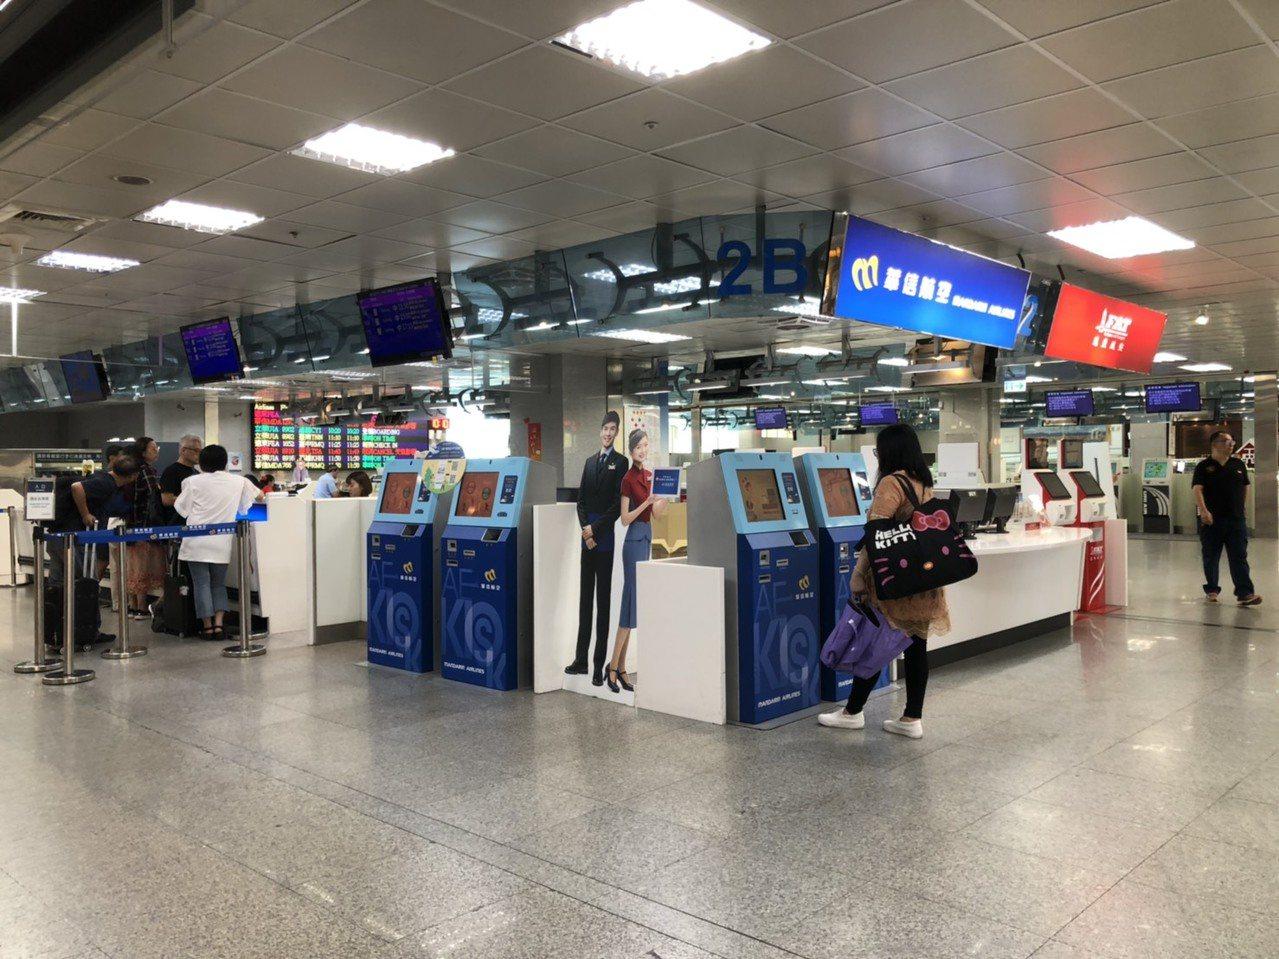 因應利奇馬颱風,今天台金航班的異動不少,讓每逢週五都很熱鬧的尚義機場,頓時冷清了...